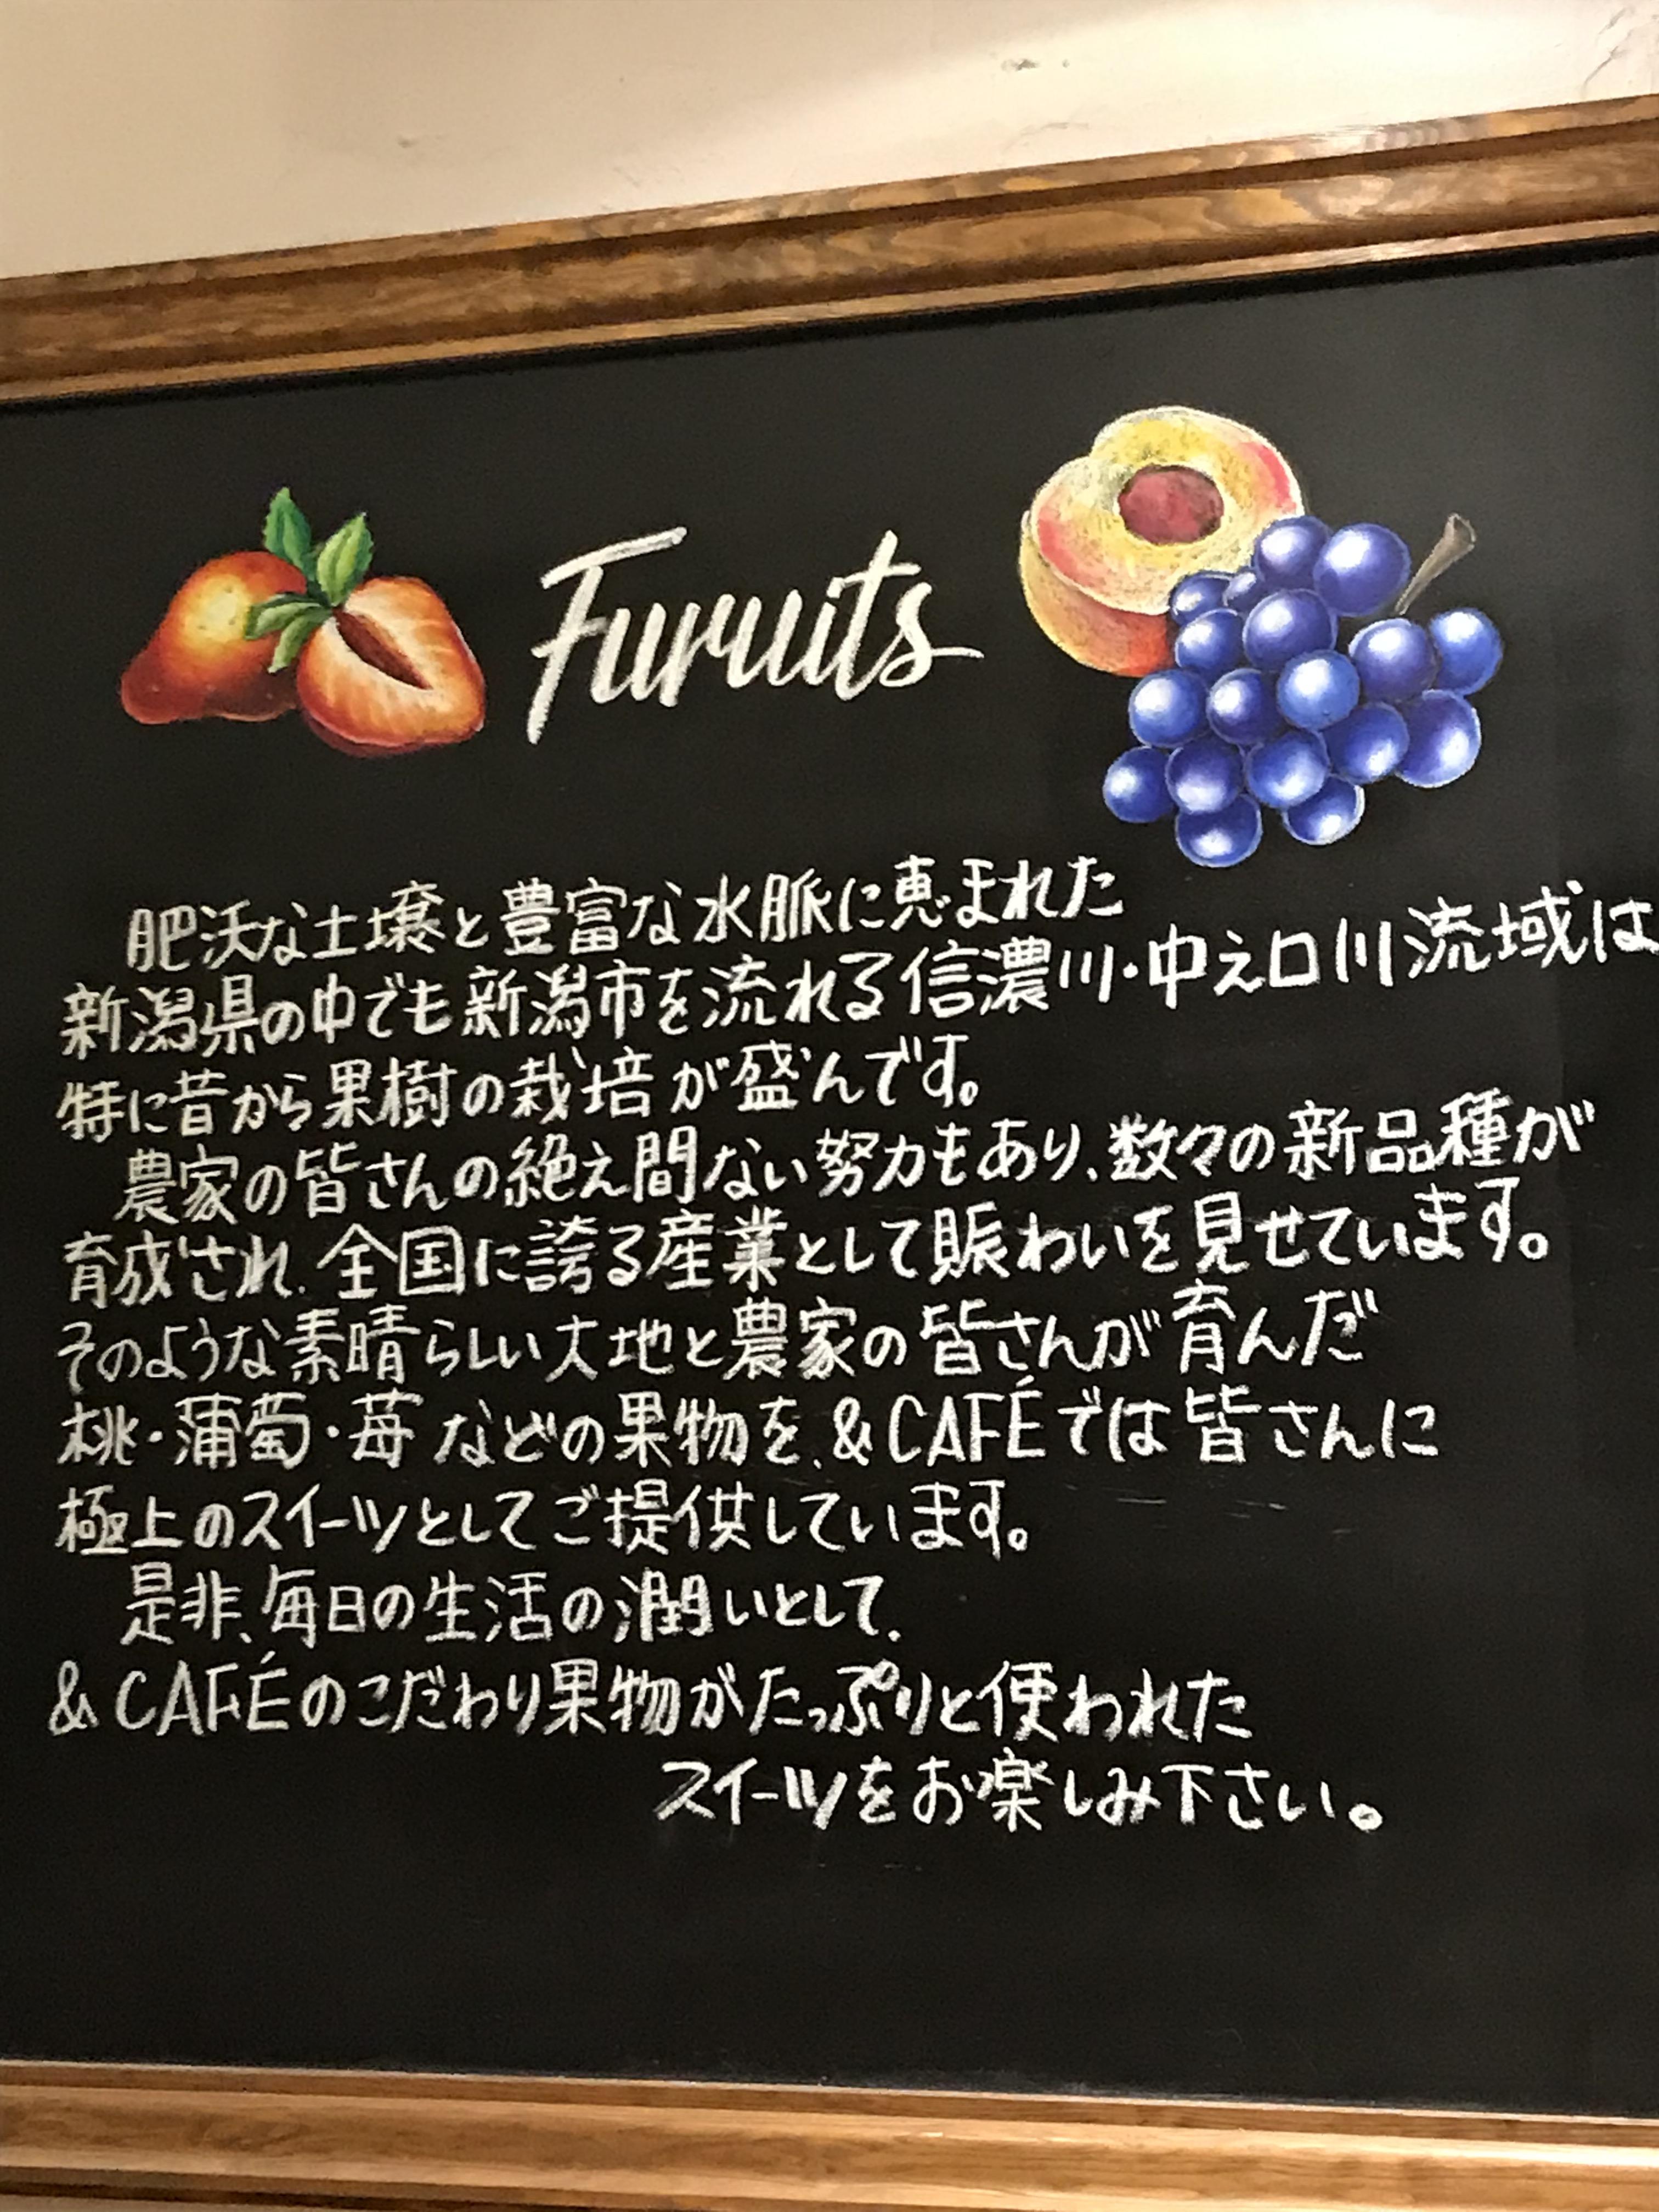 黒板アートメッセージ